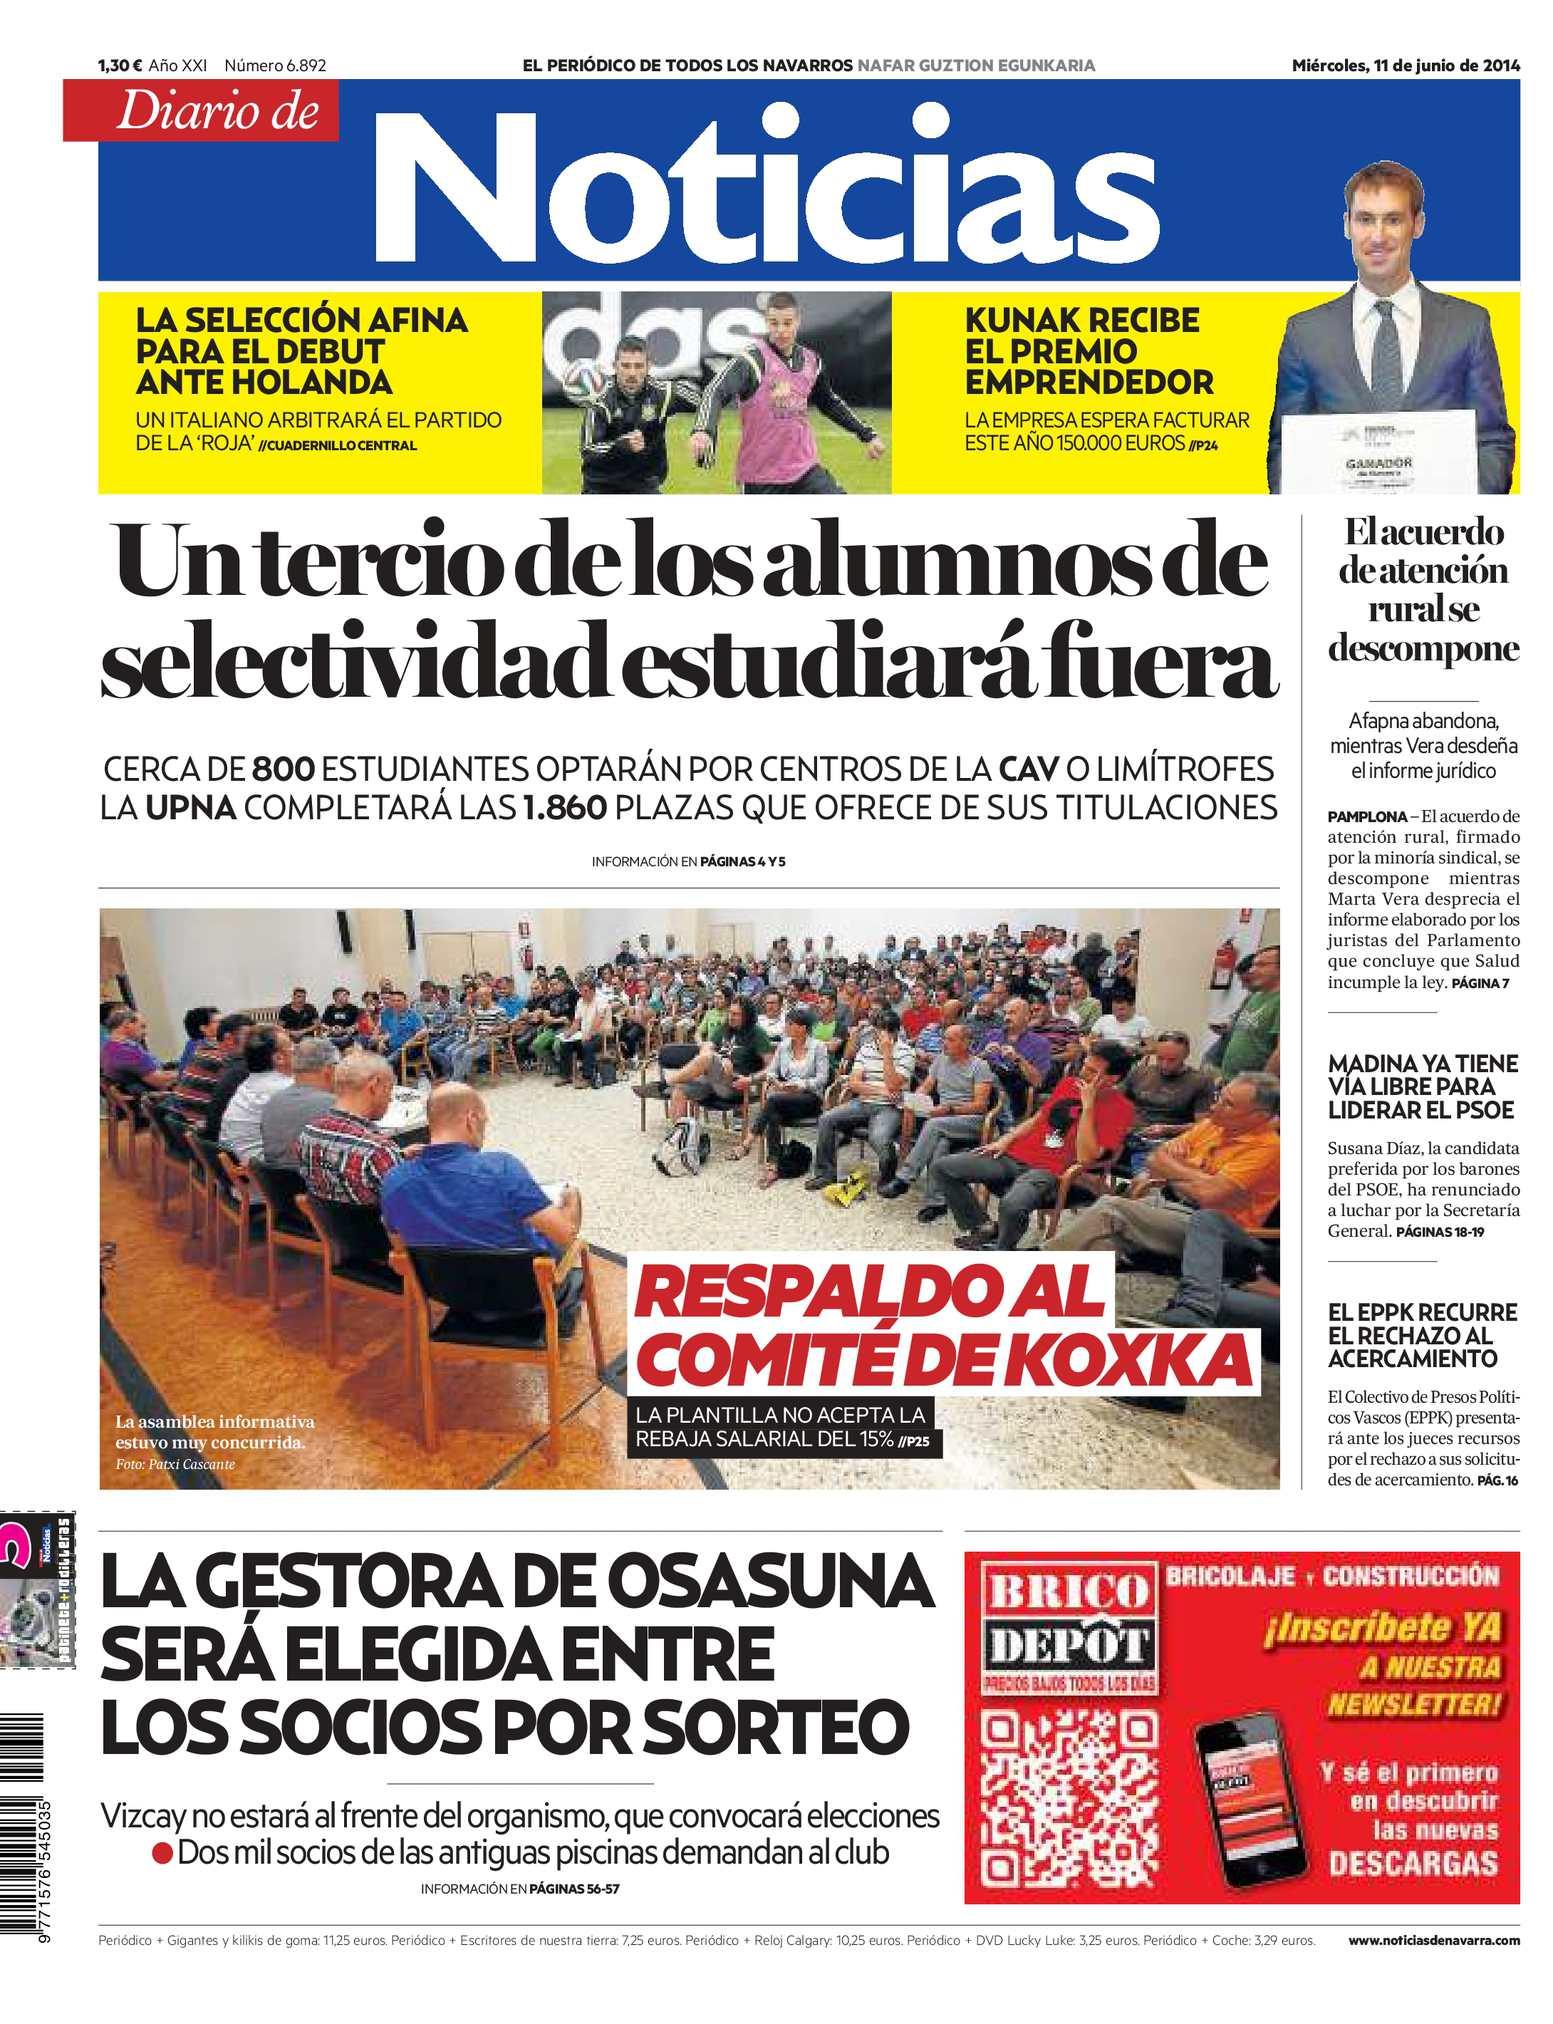 Candela X Y Estudiante Porno calaméo - diario de noticias 20140611